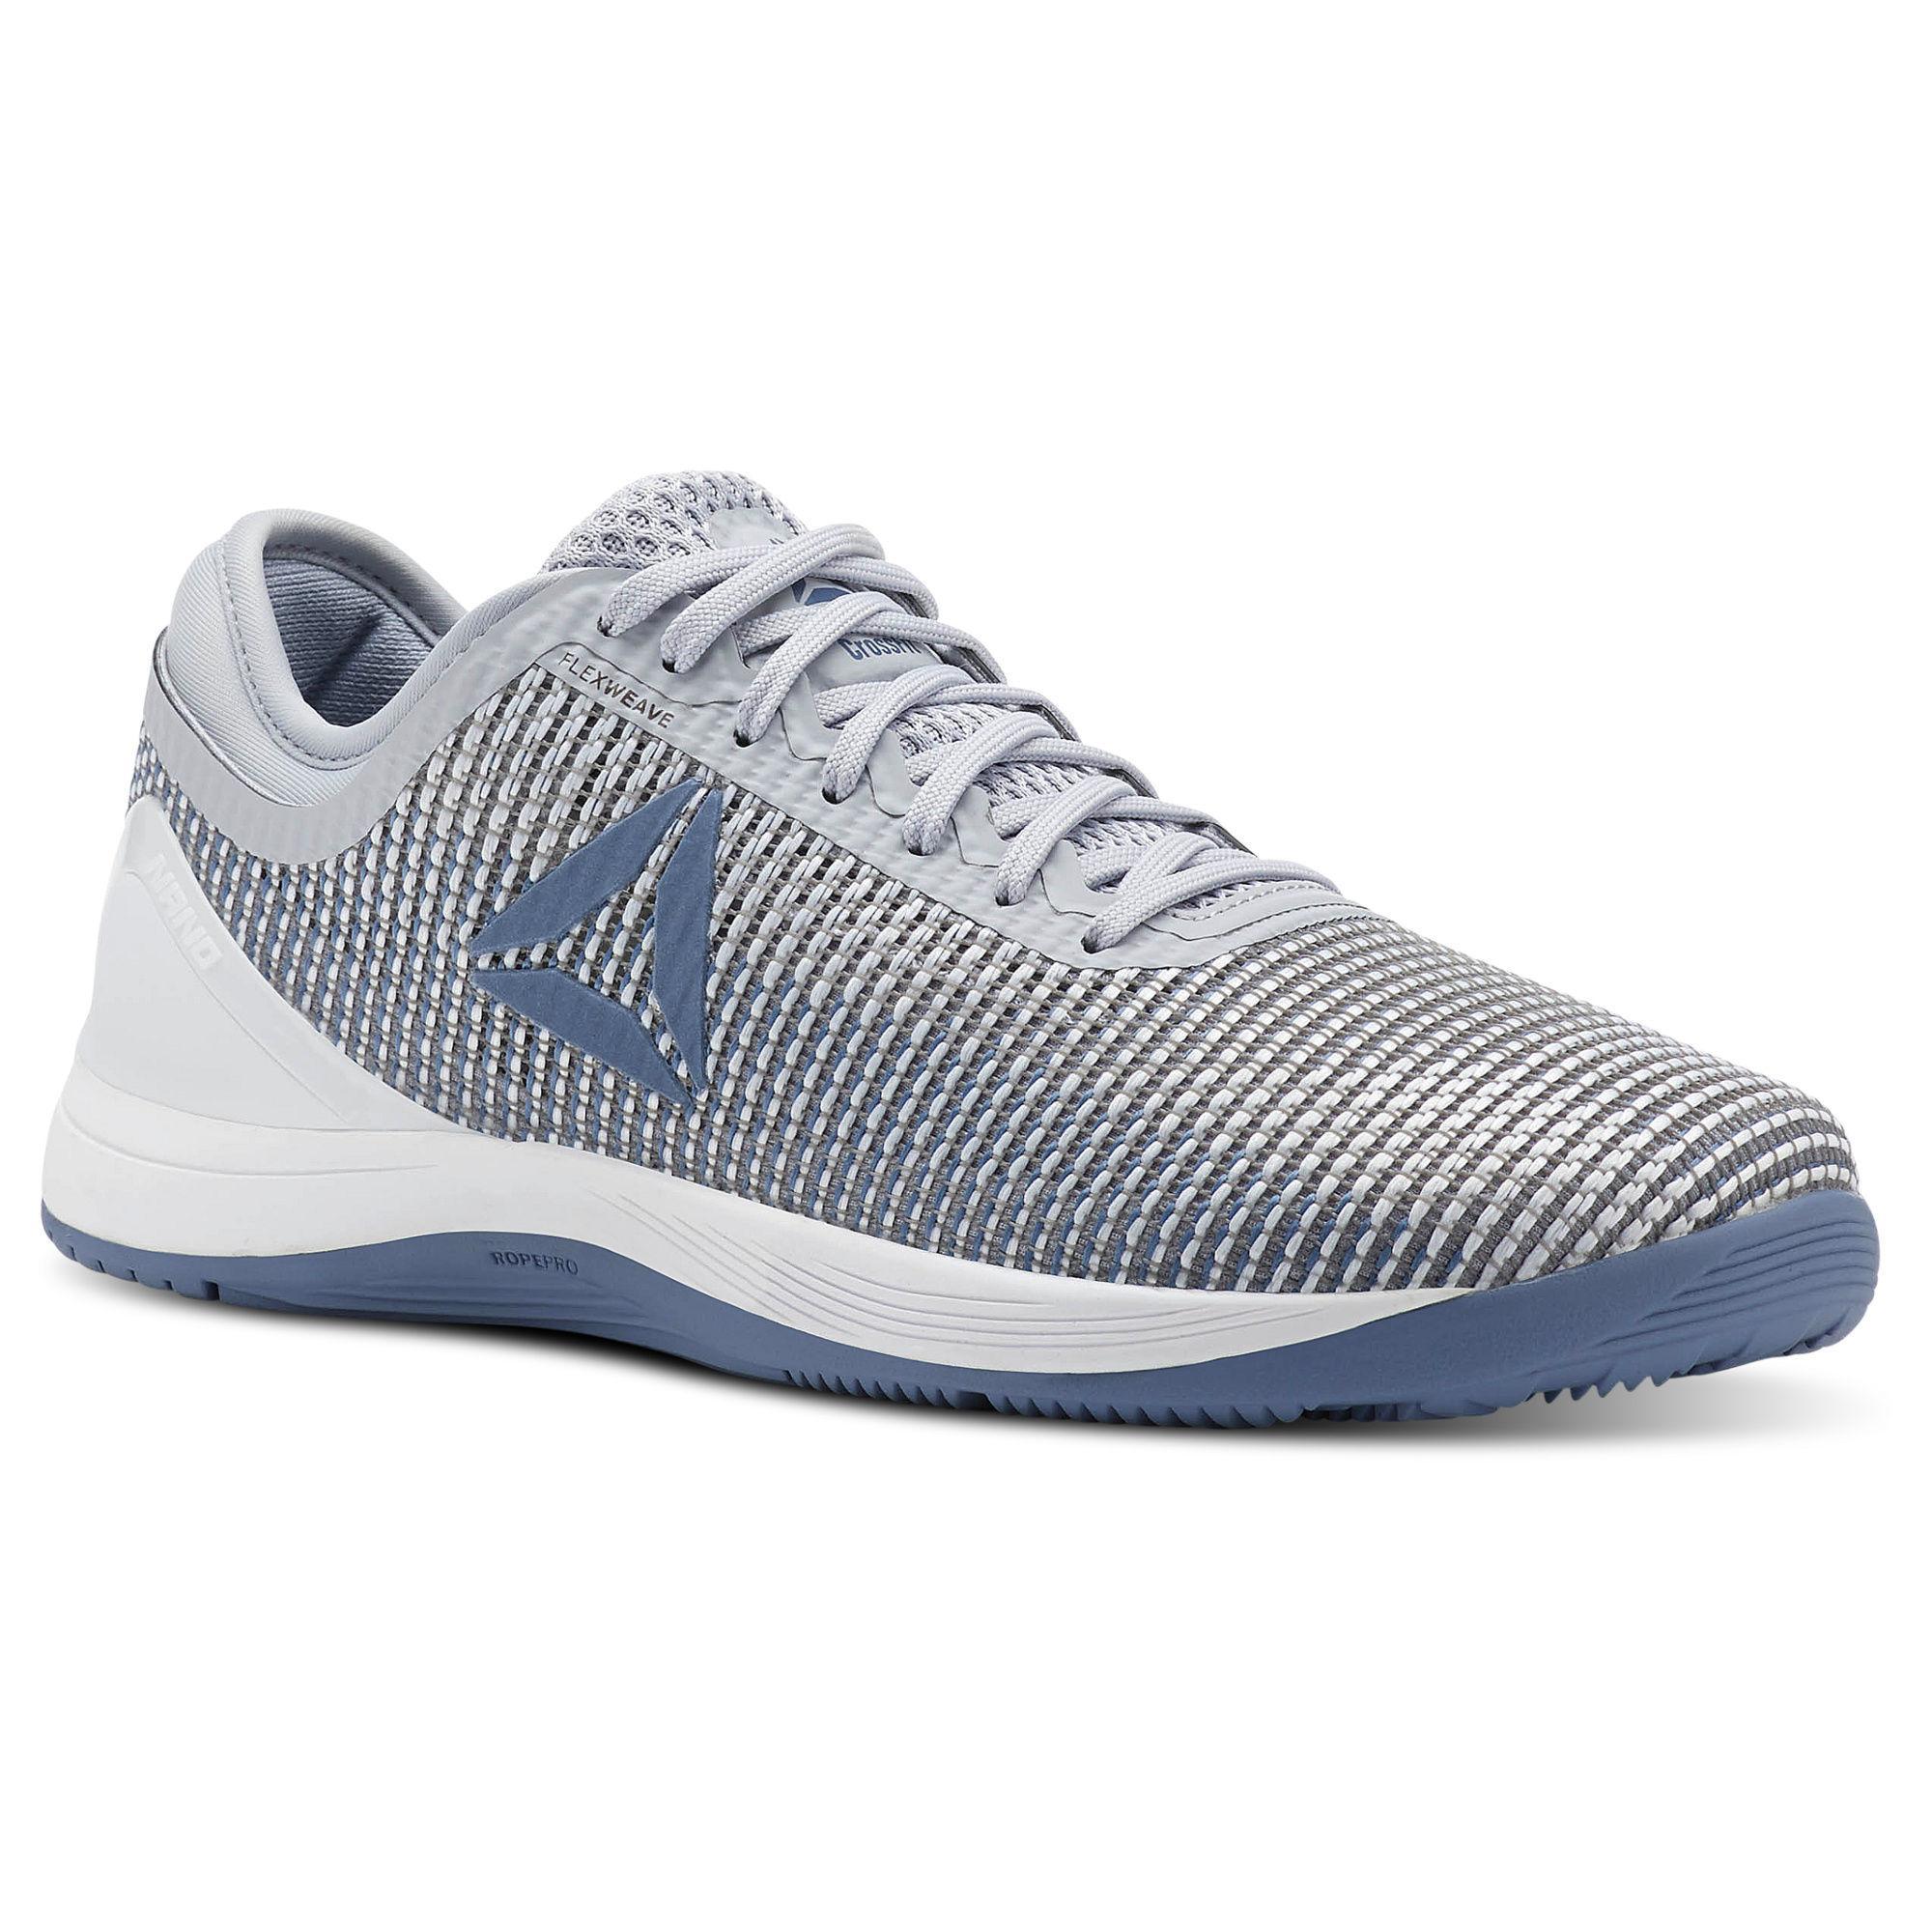 Reebok Reebok CrossFit Nano 8 Flexweave Fitnessschuhe Damen Cloud grau grau grau Blau Slate Spirit Weiß Weiß im Online Shop von SportScheck kaufen Gute Qualität beliebte Schuhe ba44d3